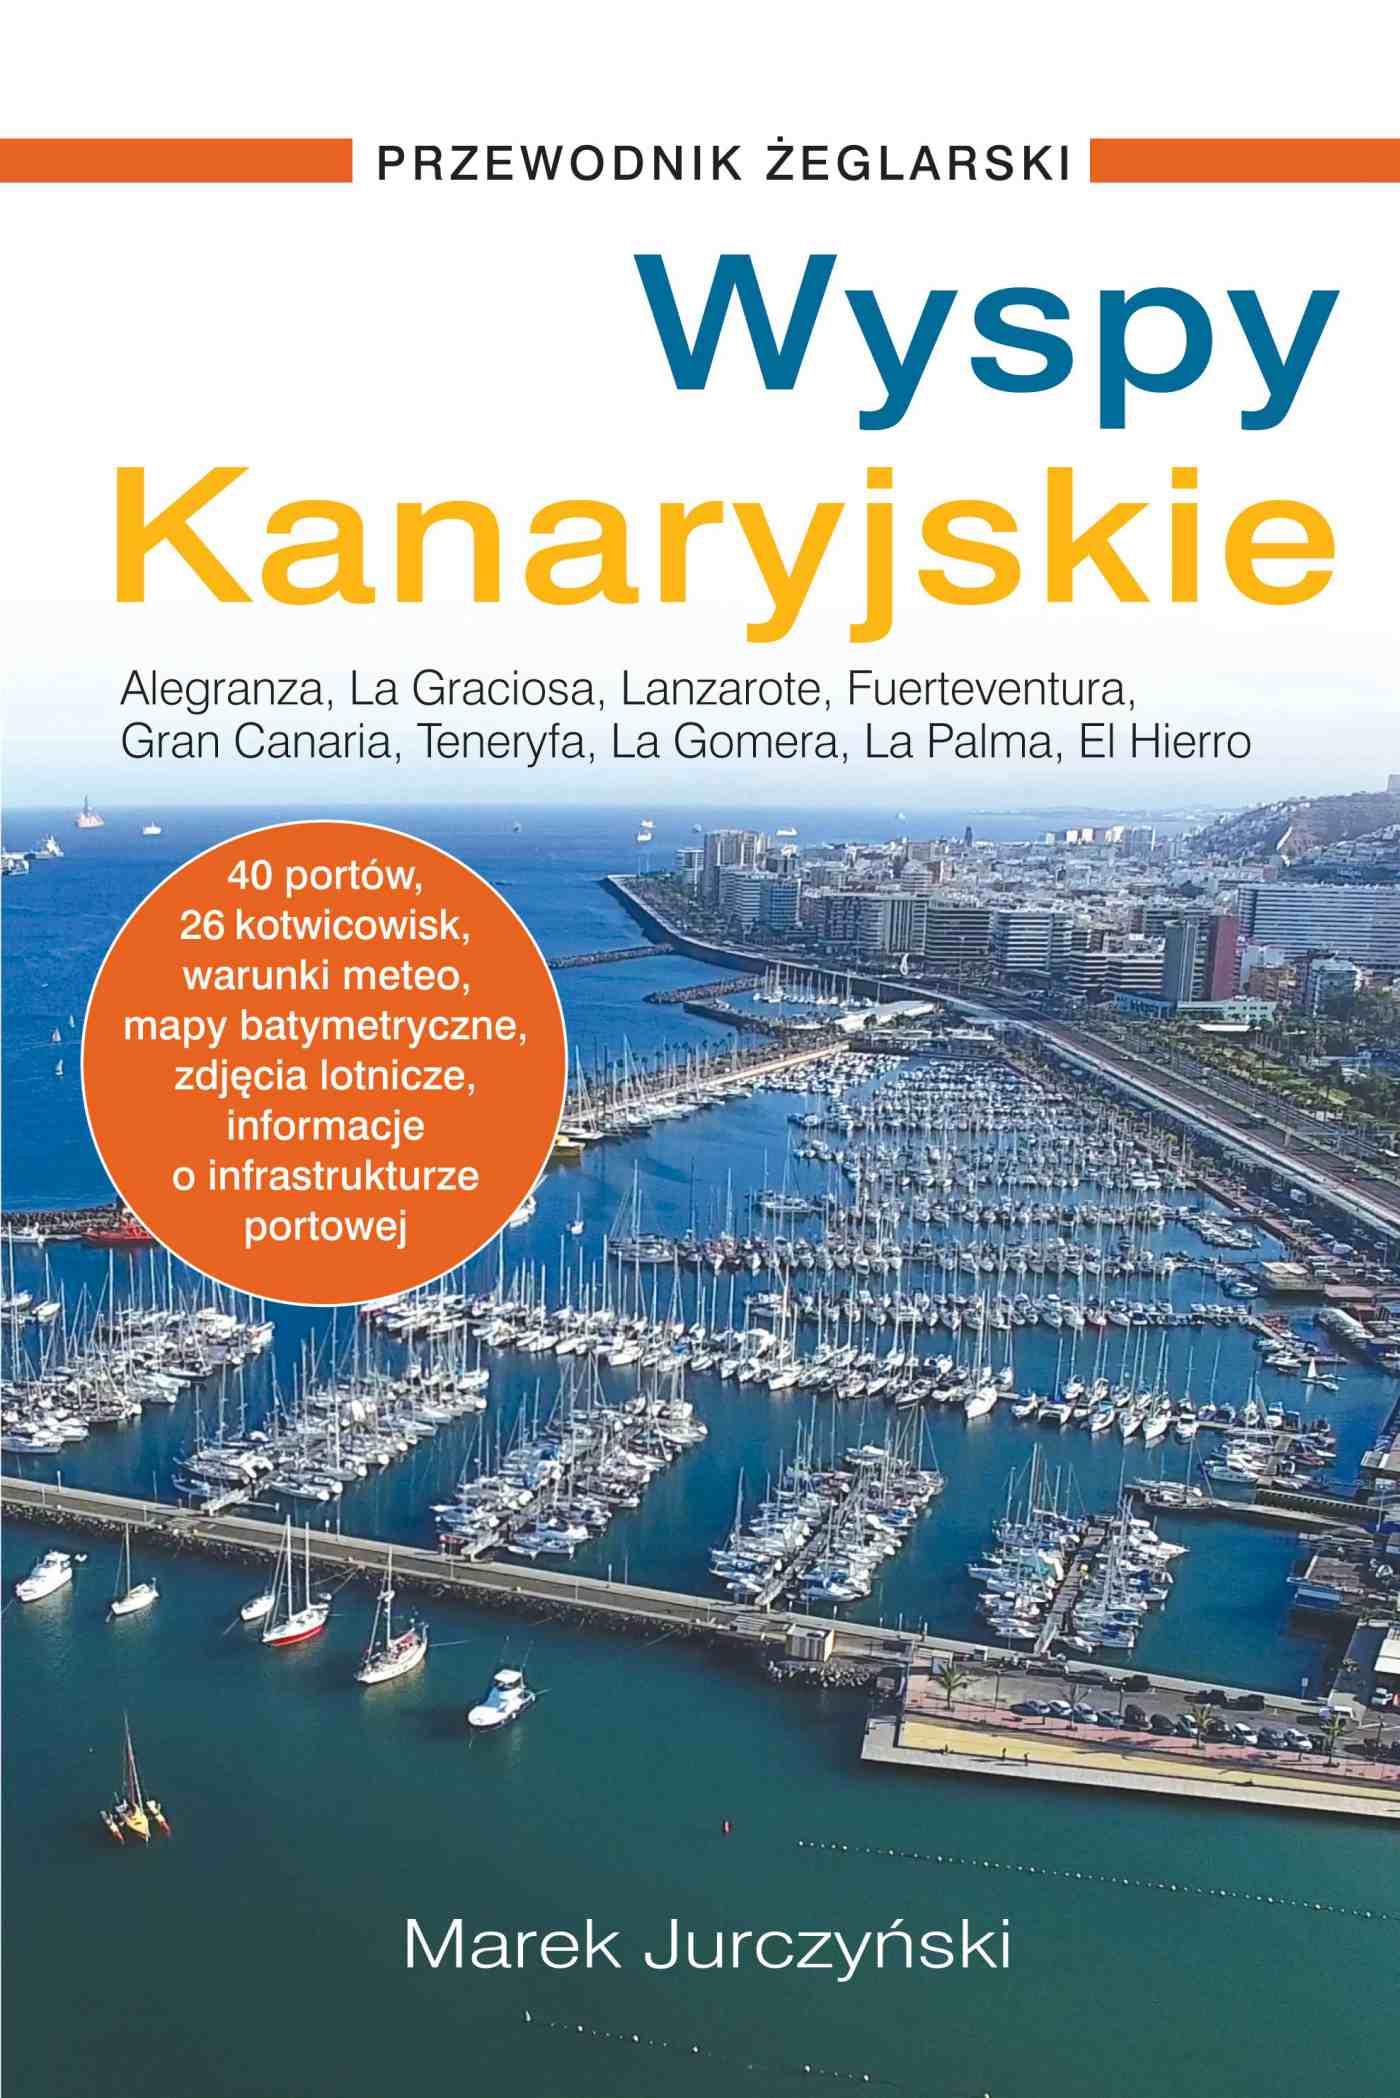 Wyspy Kanaryjskie. Przewodnik żeglarski - Ebook (Książka PDF) do pobrania w formacie PDF